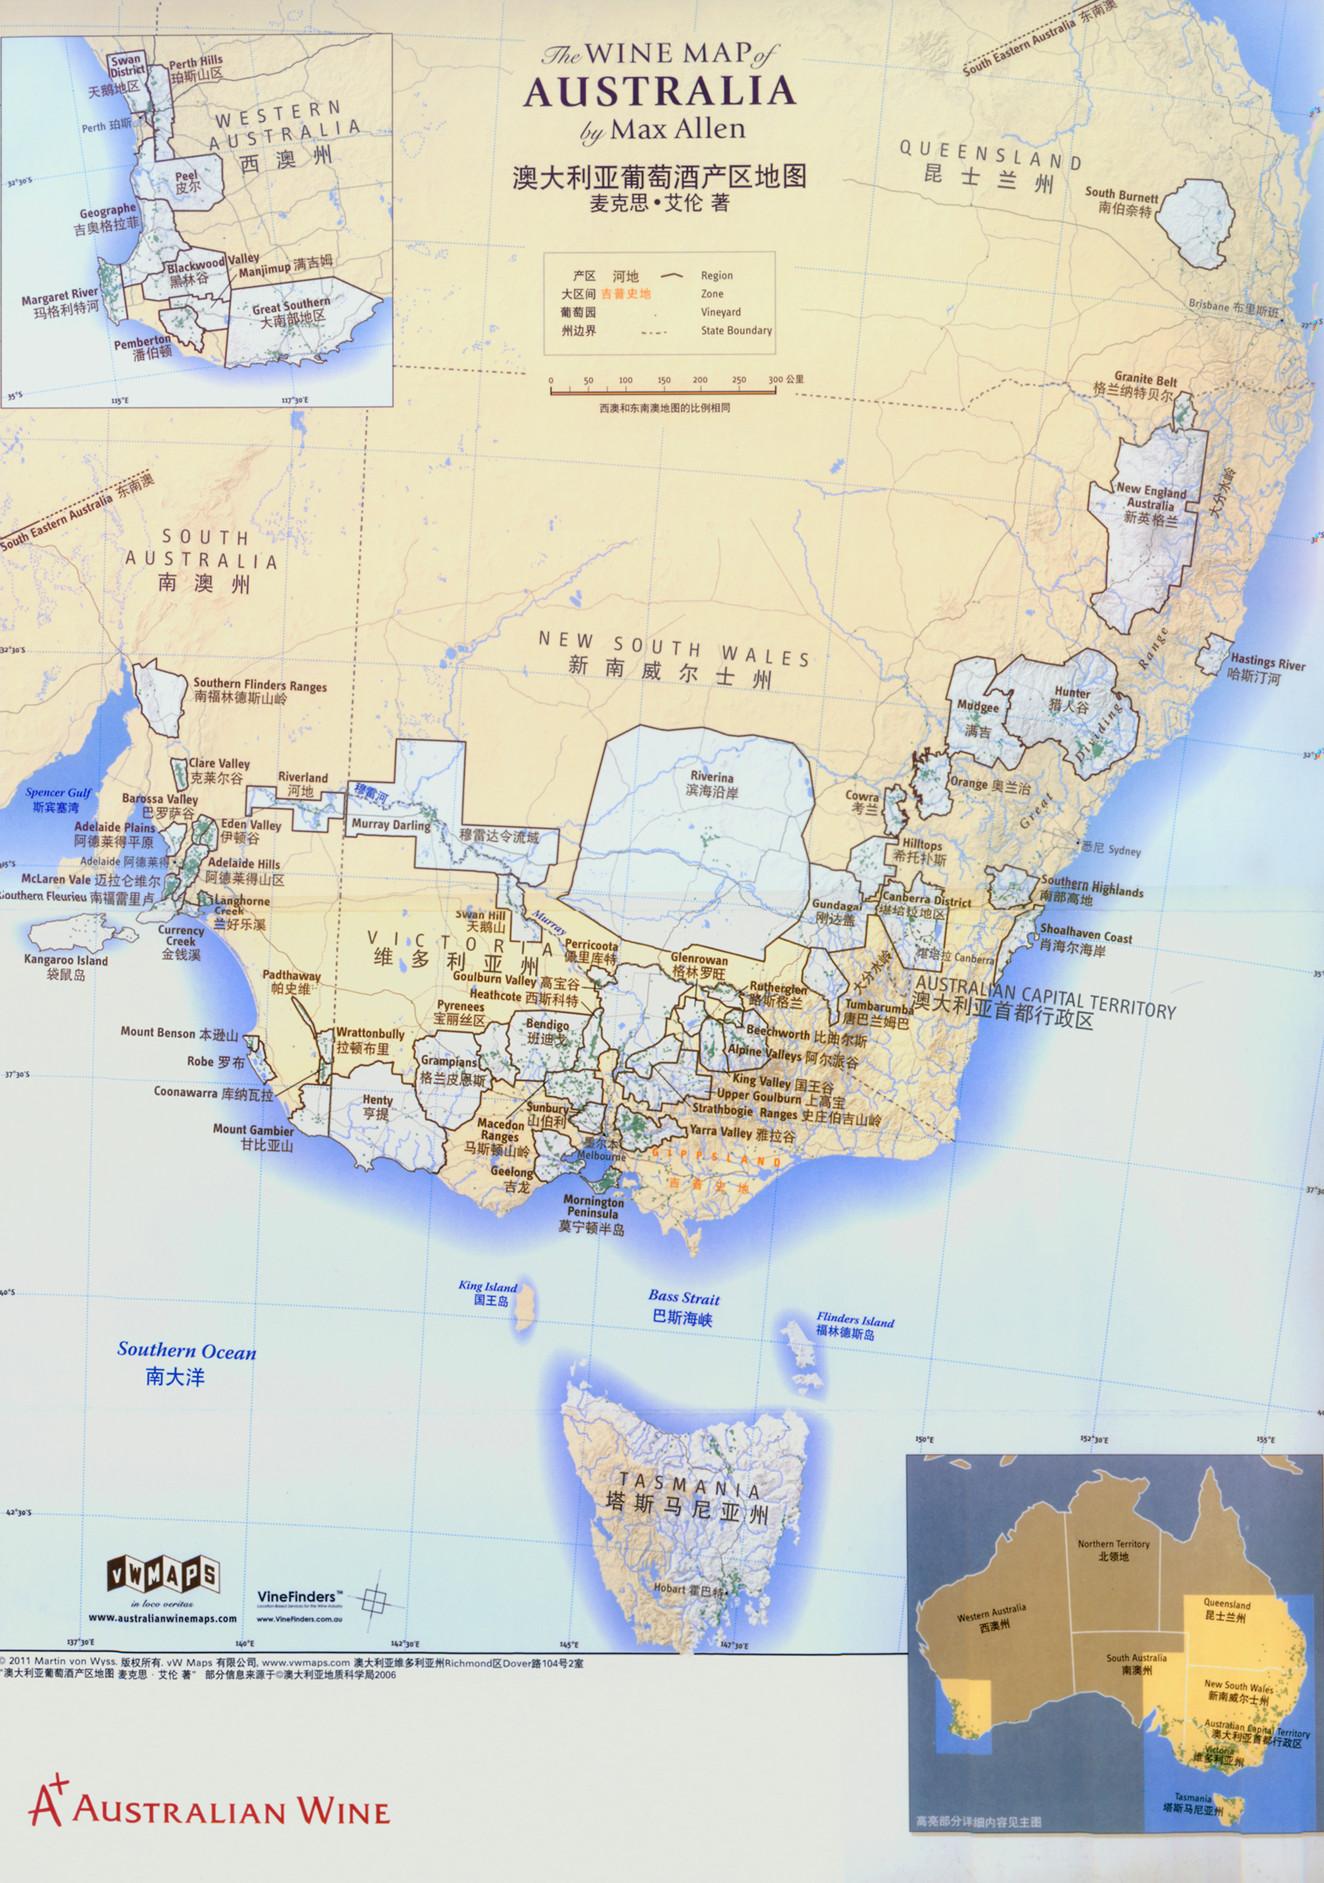 澳大利亚葡萄酒产区:中国葡萄酒资讯网(www.winesinfo图片